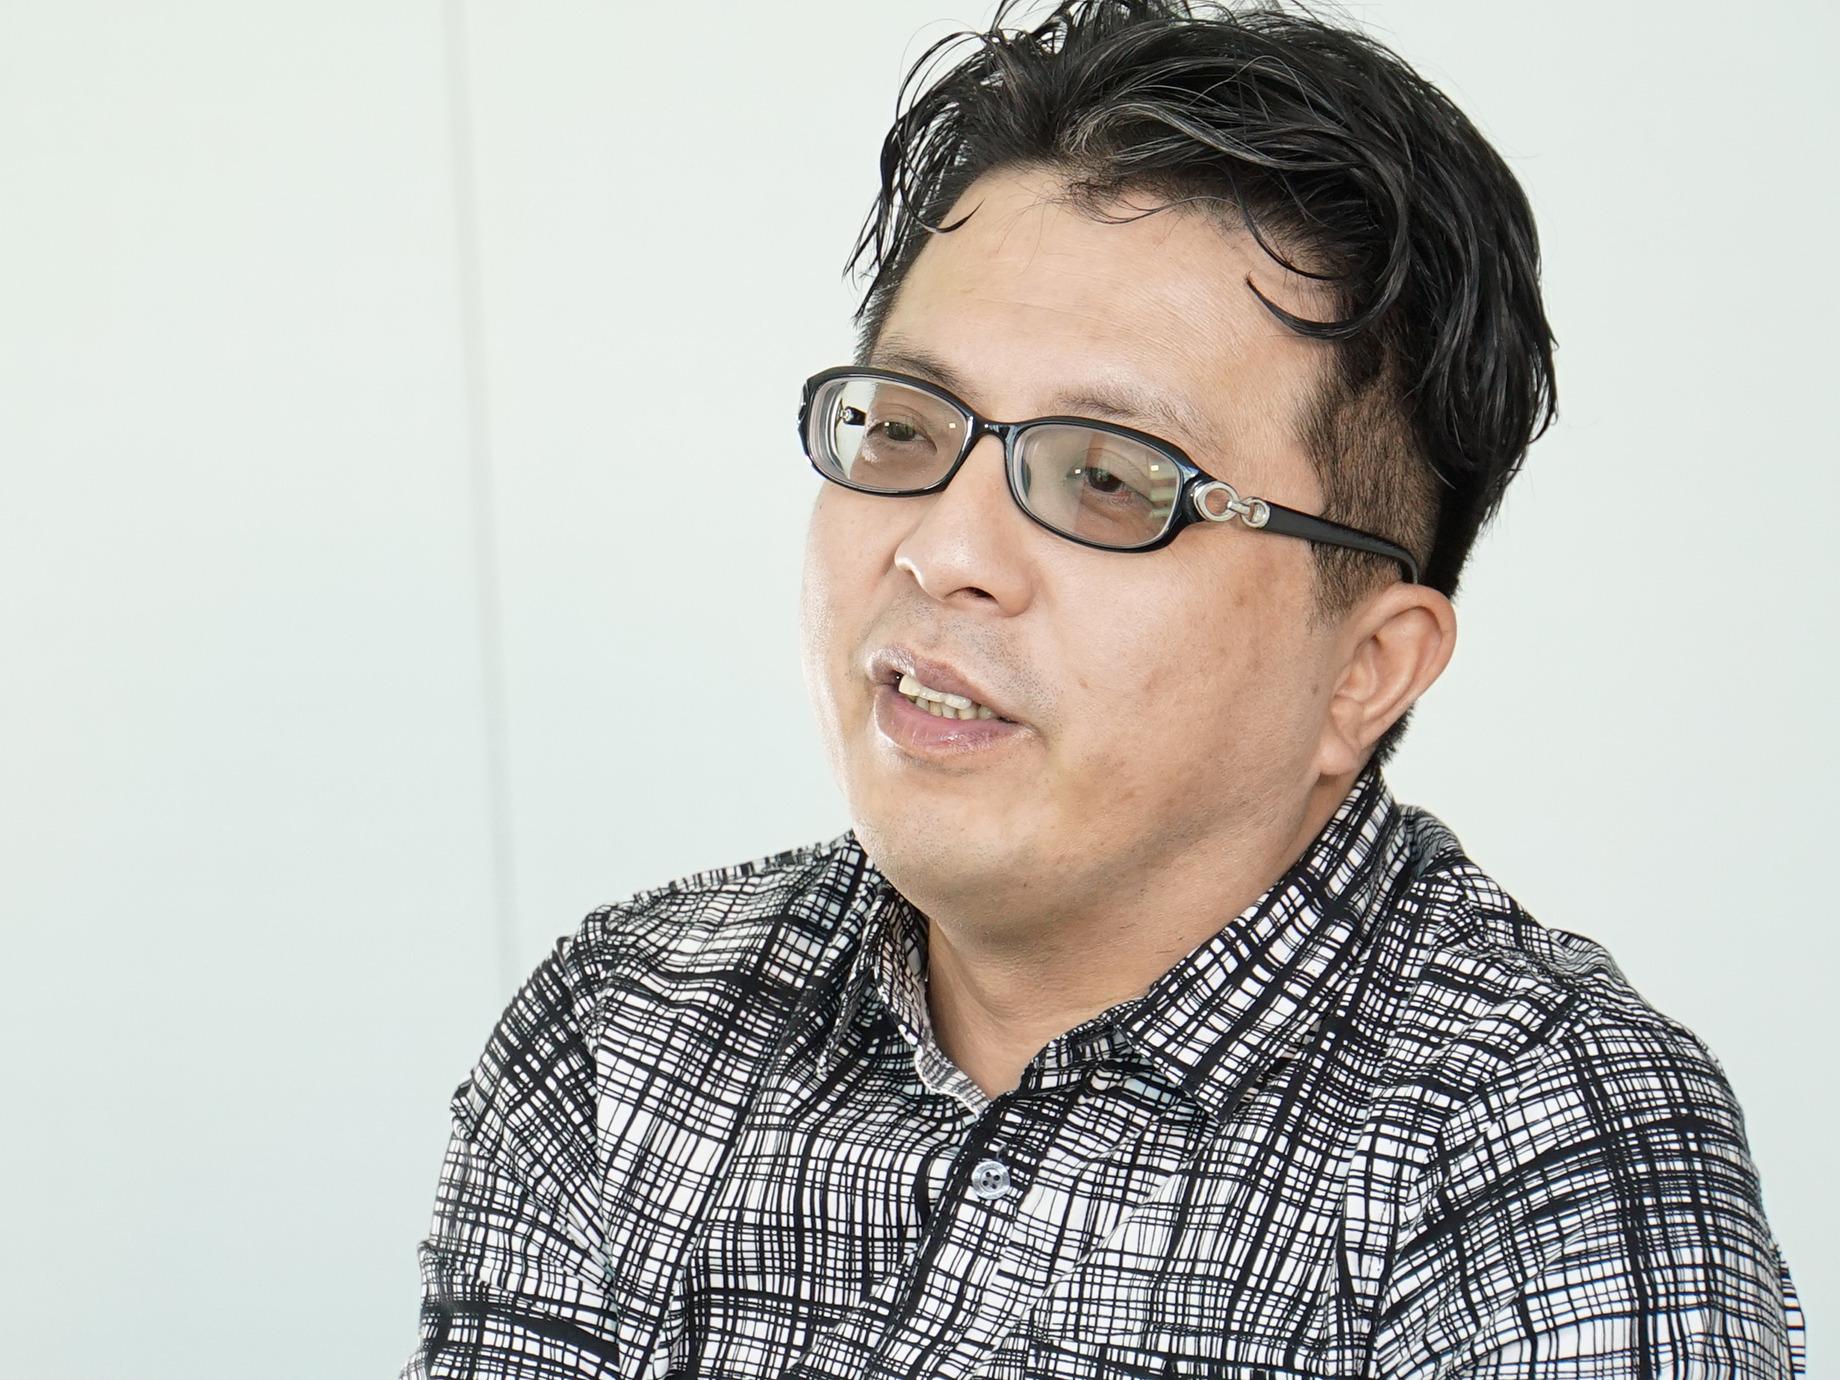 SmartM網路人才學》Yahoo電商事業群副總裁王志仁:招募具備積極、創意、邏輯性的行動原住民